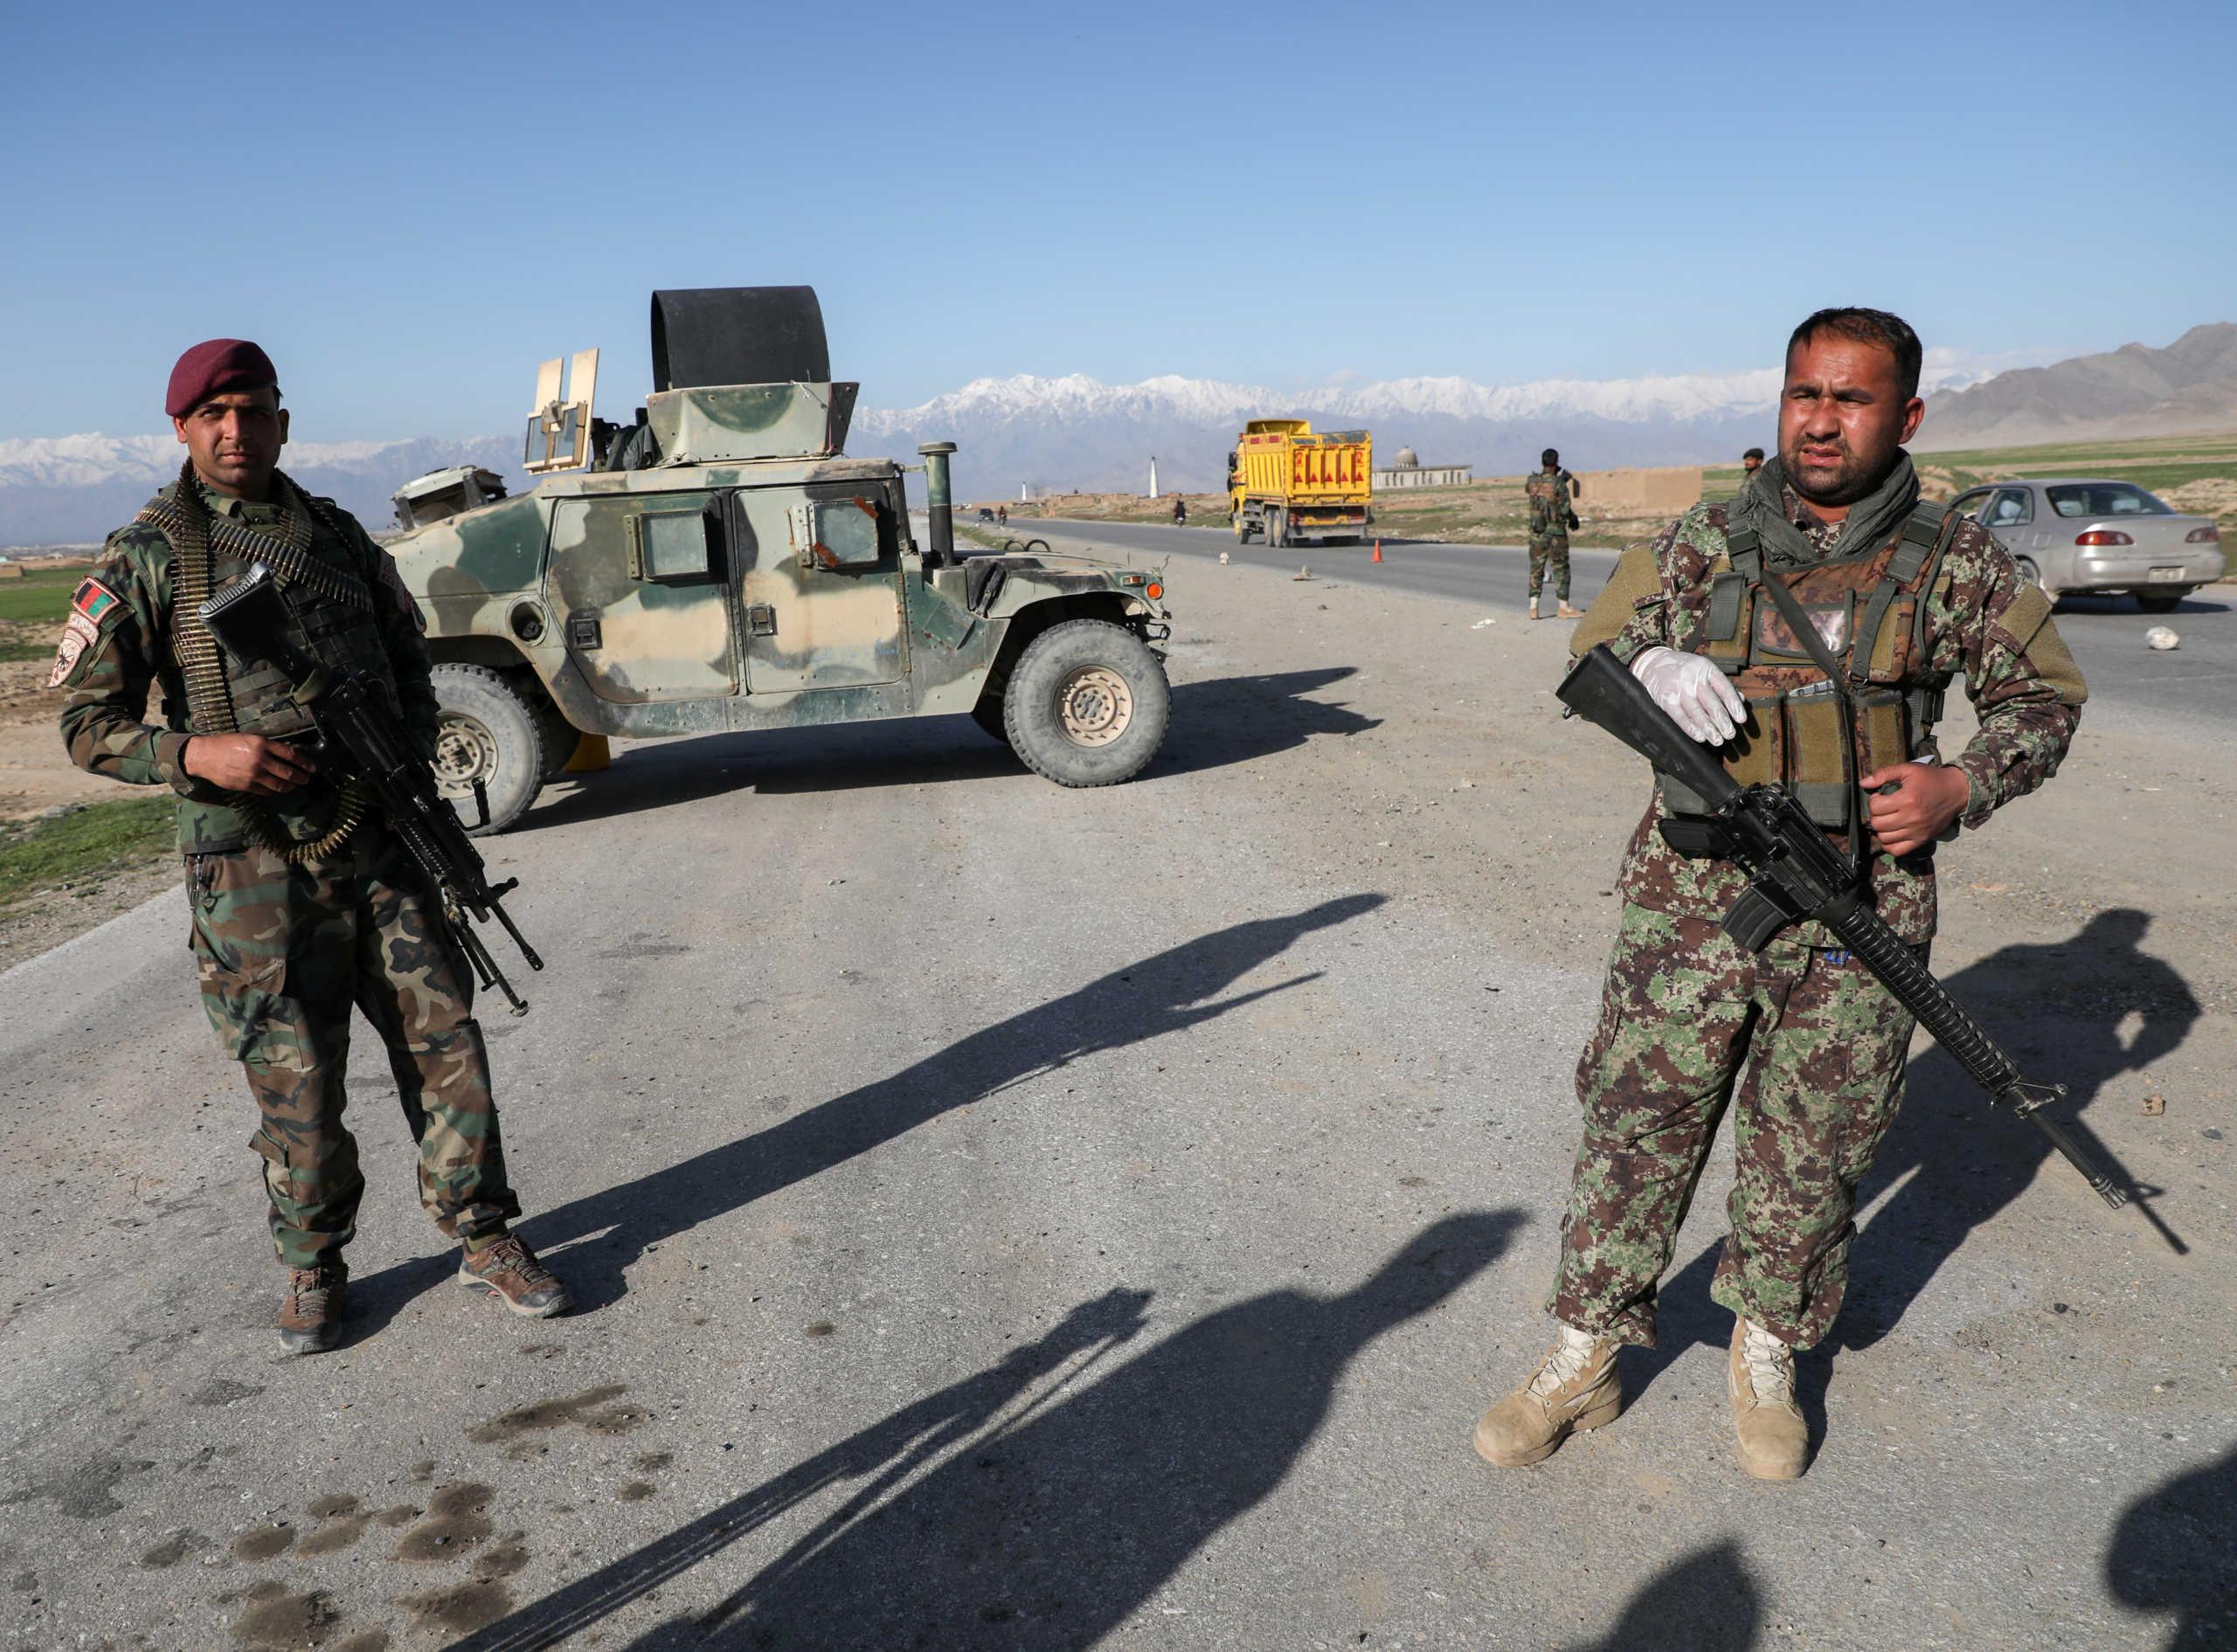 Αφγανιστάν: Νέες μάχες ανάμεσα στους Ταλιμπάν και στις αμερικανικές δυνάμεις